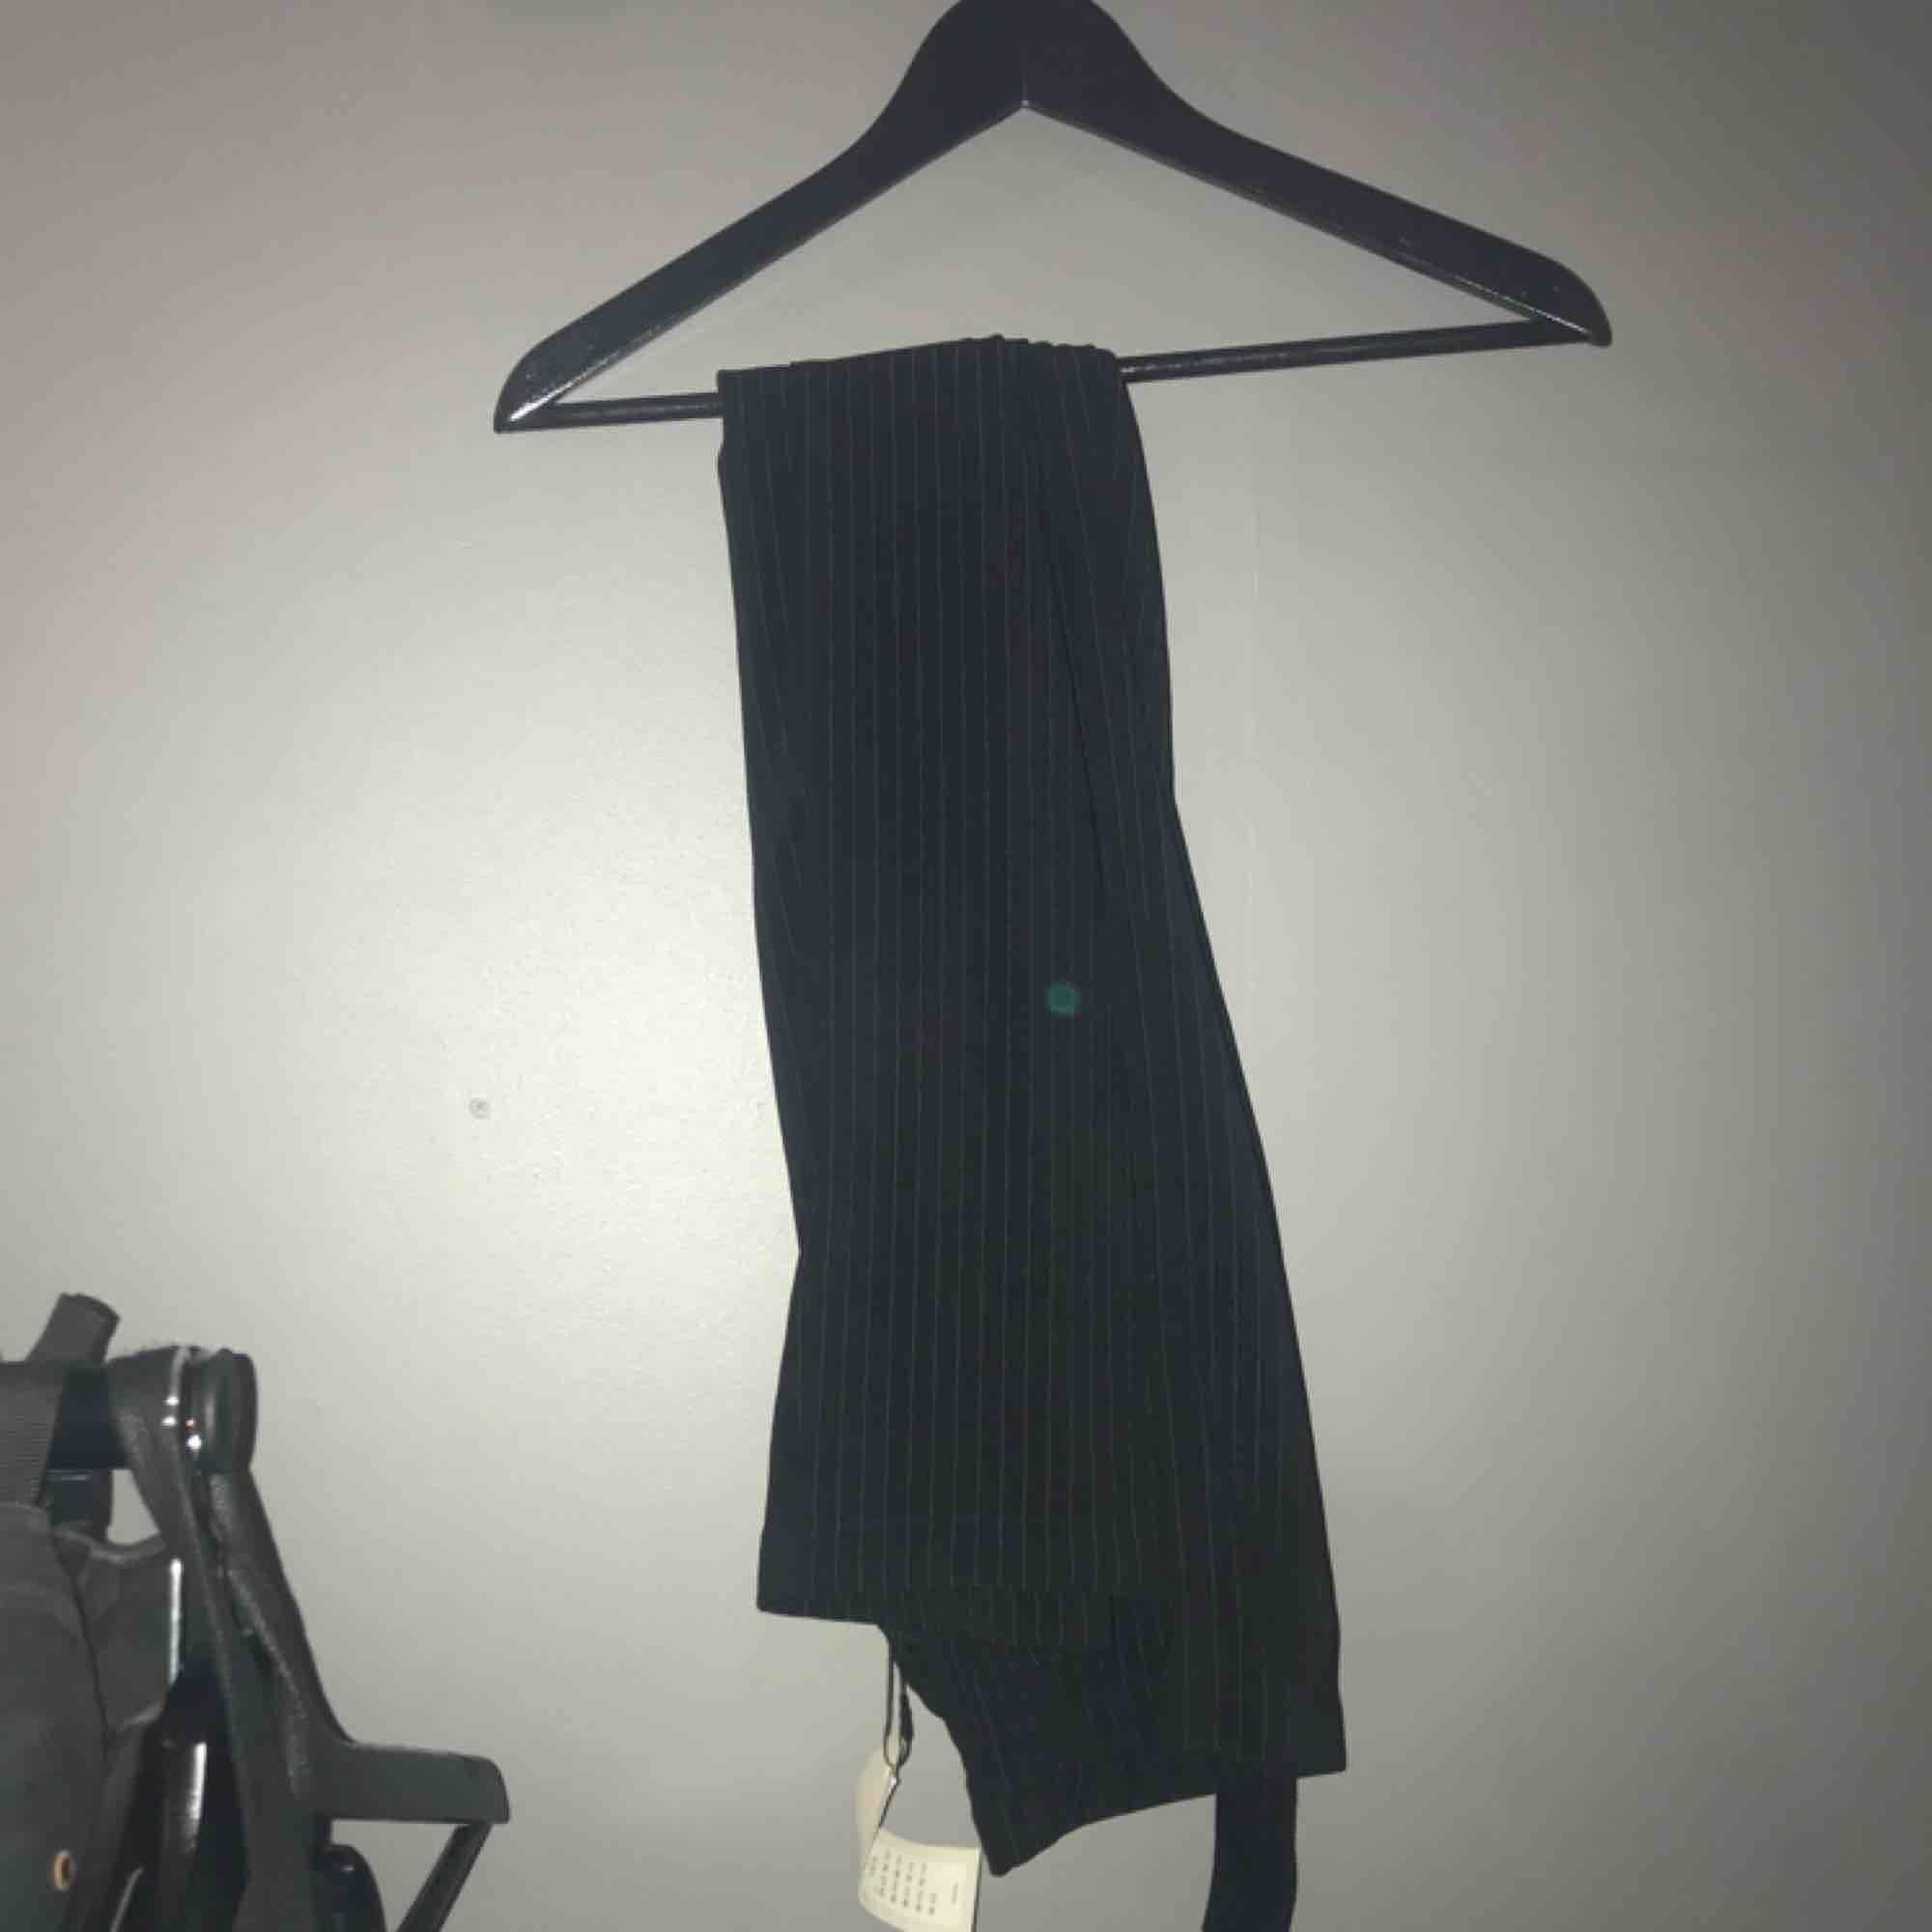 Svarta raka och långa kostymbyxor från ASOS, helt oanvända. Köparen står för frakt 🥰 ber om ursäkt för dåliga bilder, hör av er så kan jag skicka bättre!. Jeans & Byxor.